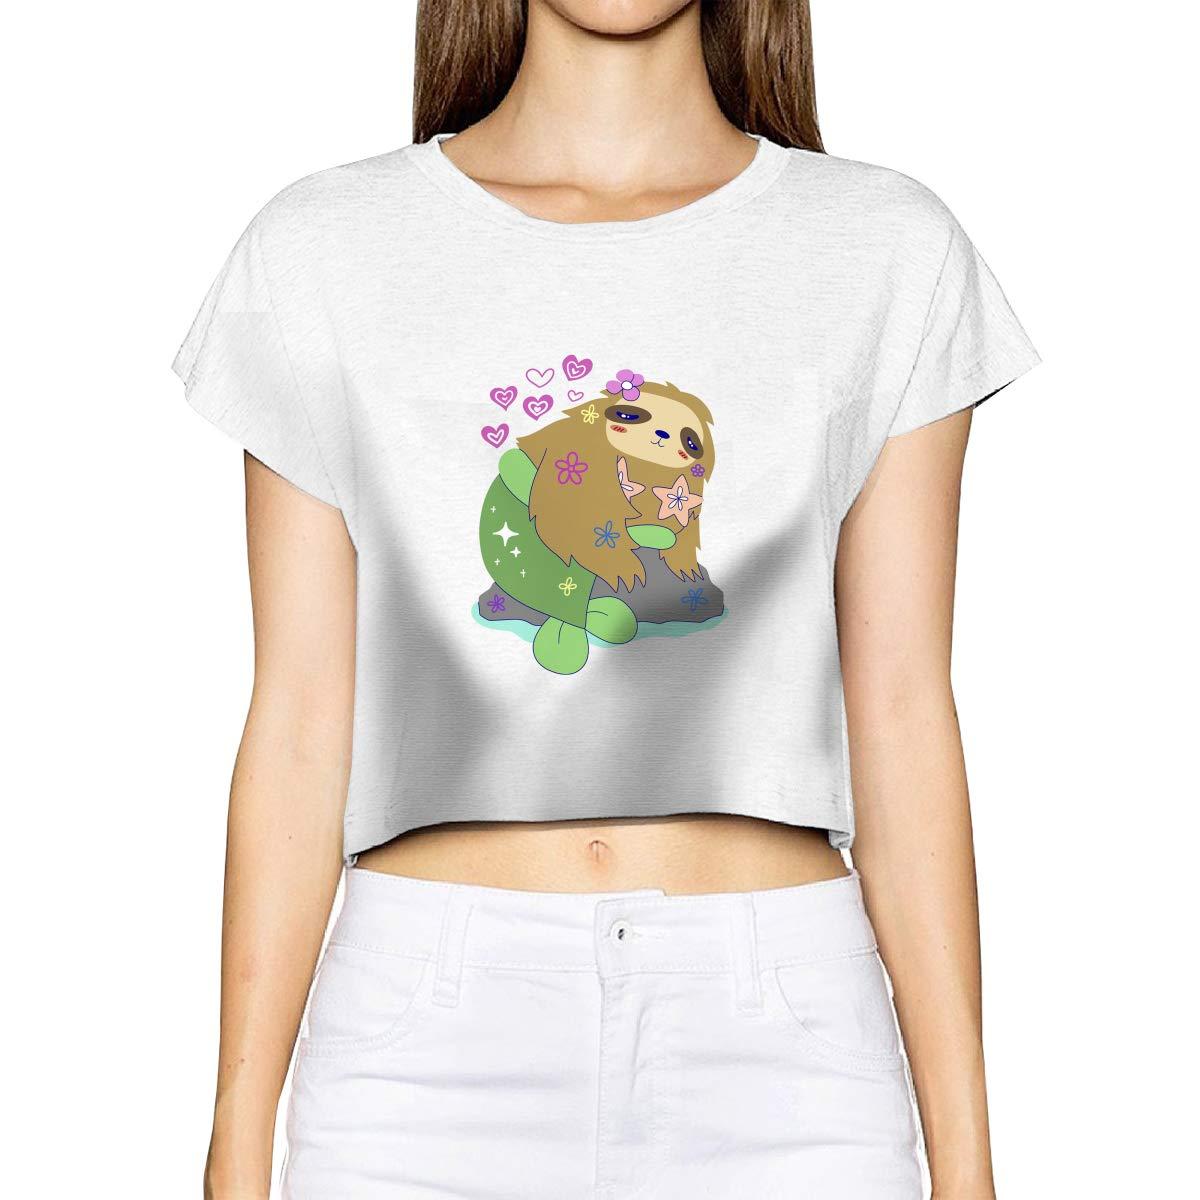 Shenigon Pretty - Camiseta de Manga Corta con diseño de ...